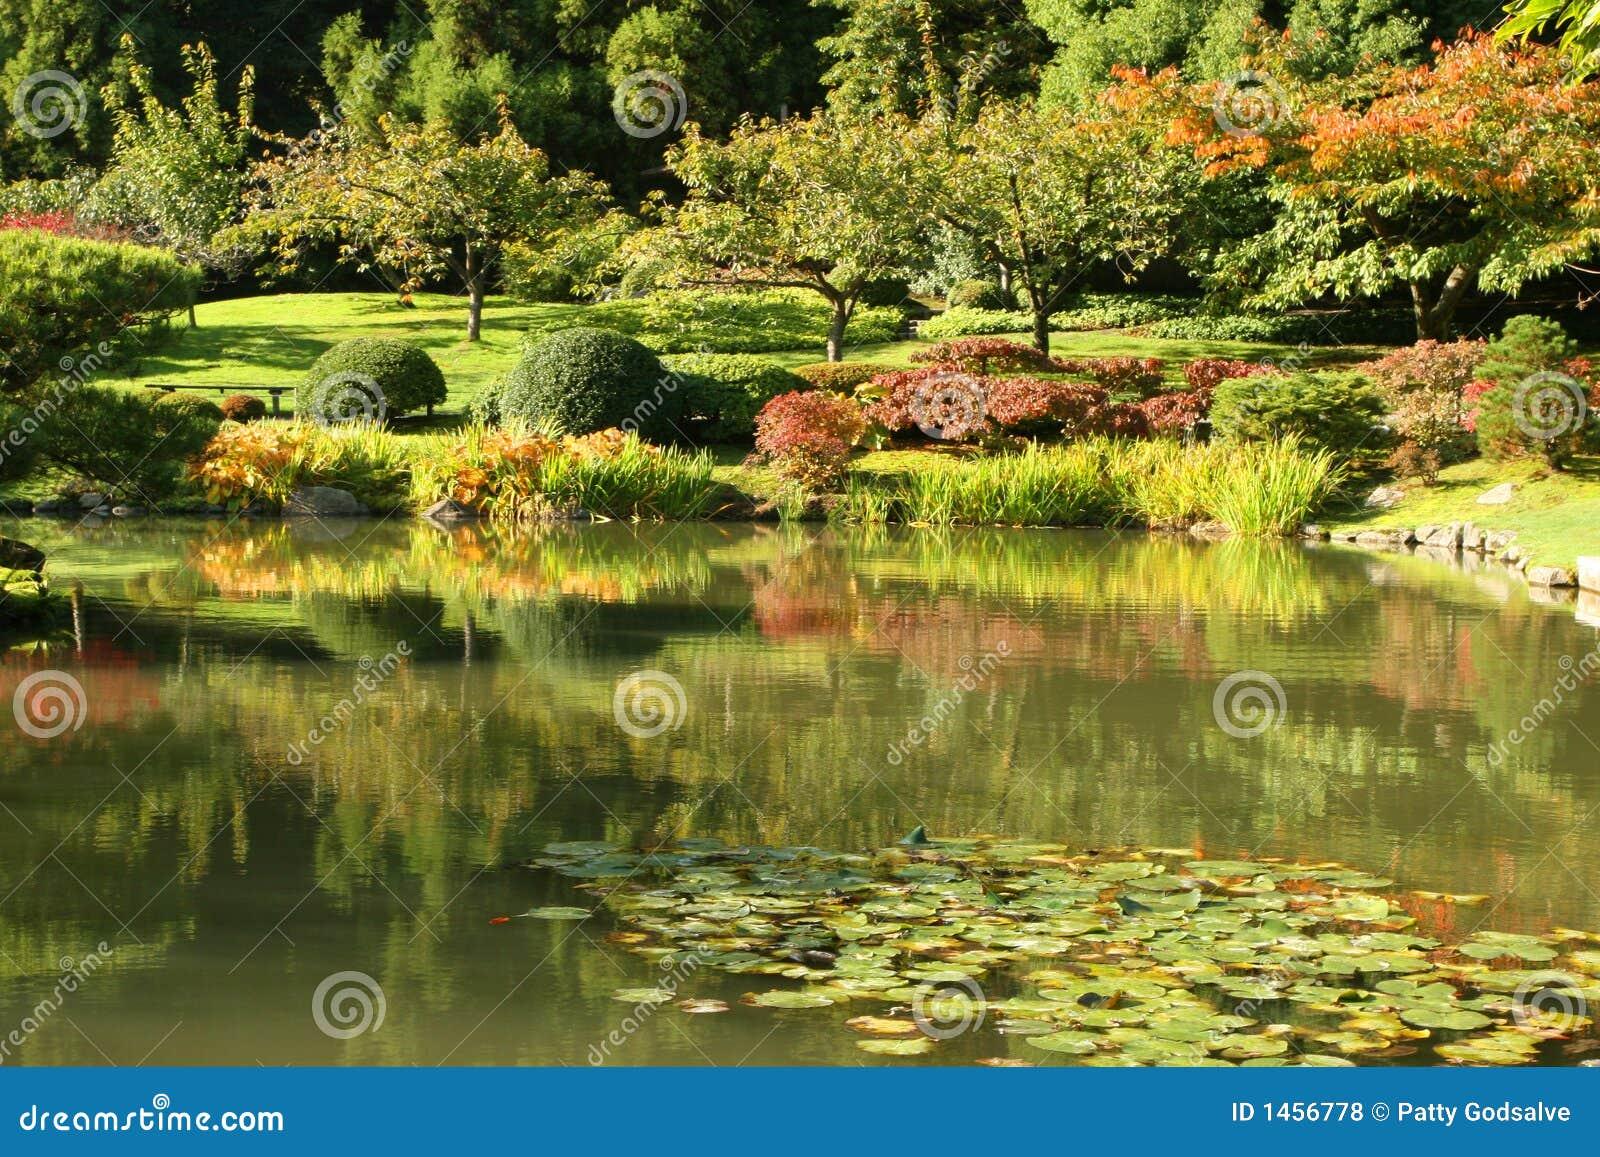 Jardines japoneses fotos de archivo libres de regal as - Fotos jardines japoneses ...